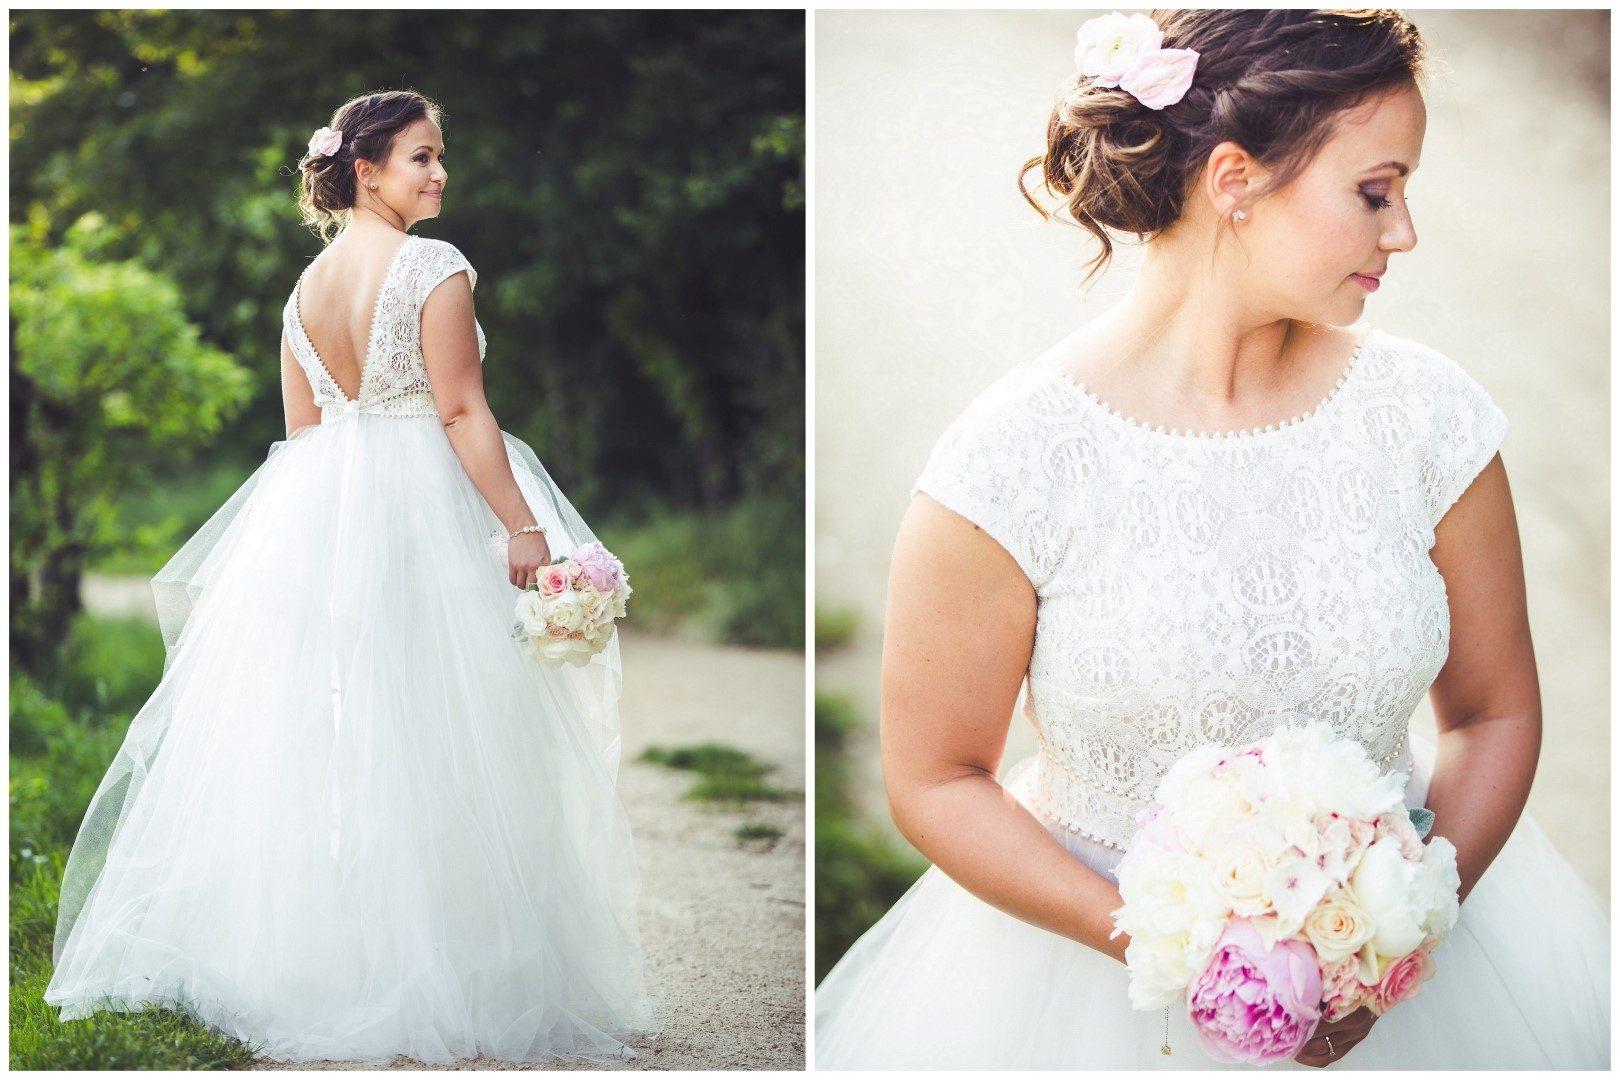 ,valódi esküvő,esküvő,daalarna ruha,esküvői beszámoló,love story,